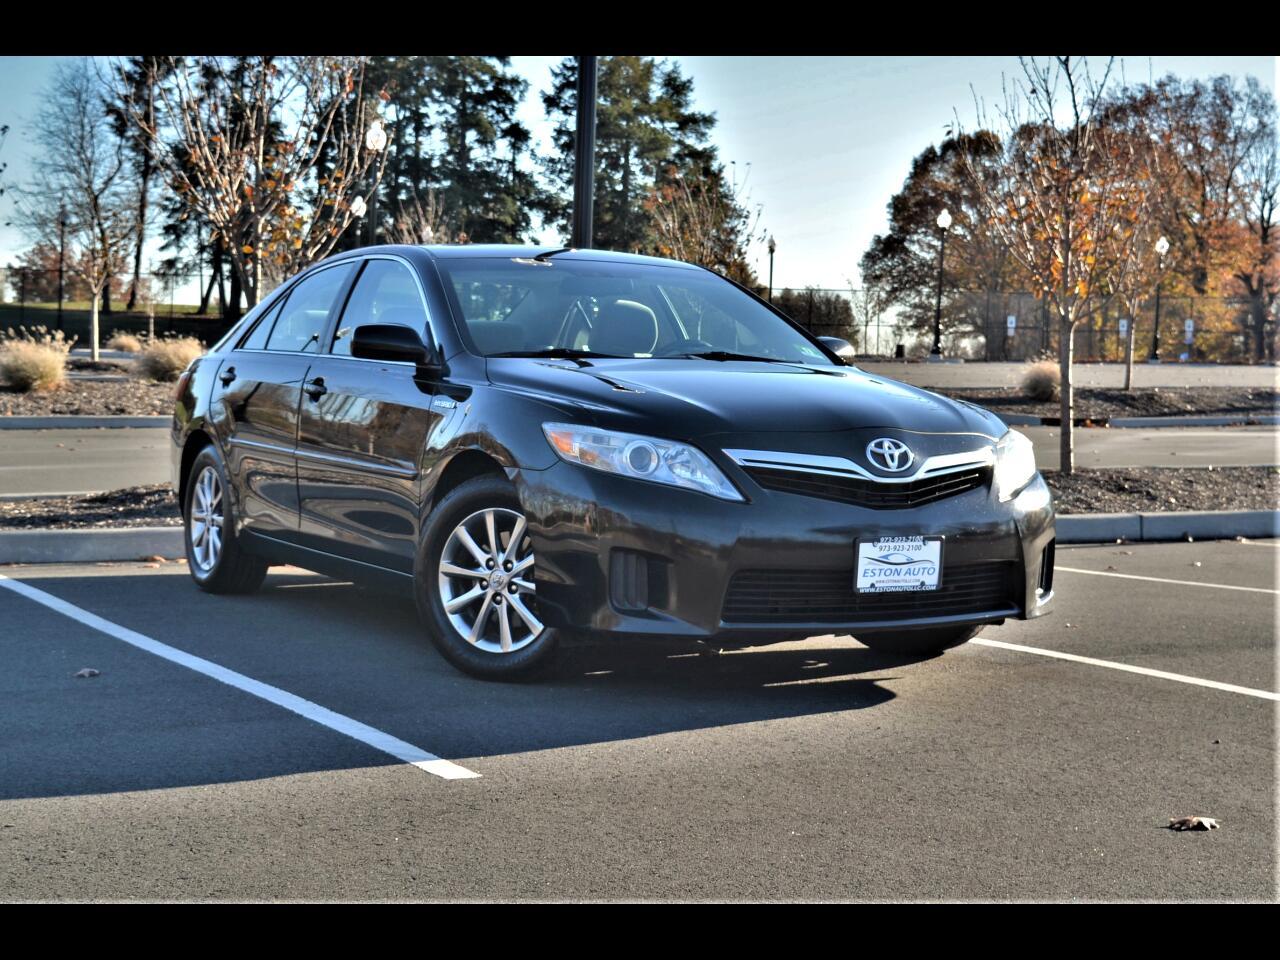 2010 Toyota Camry Hybrid Hybrid